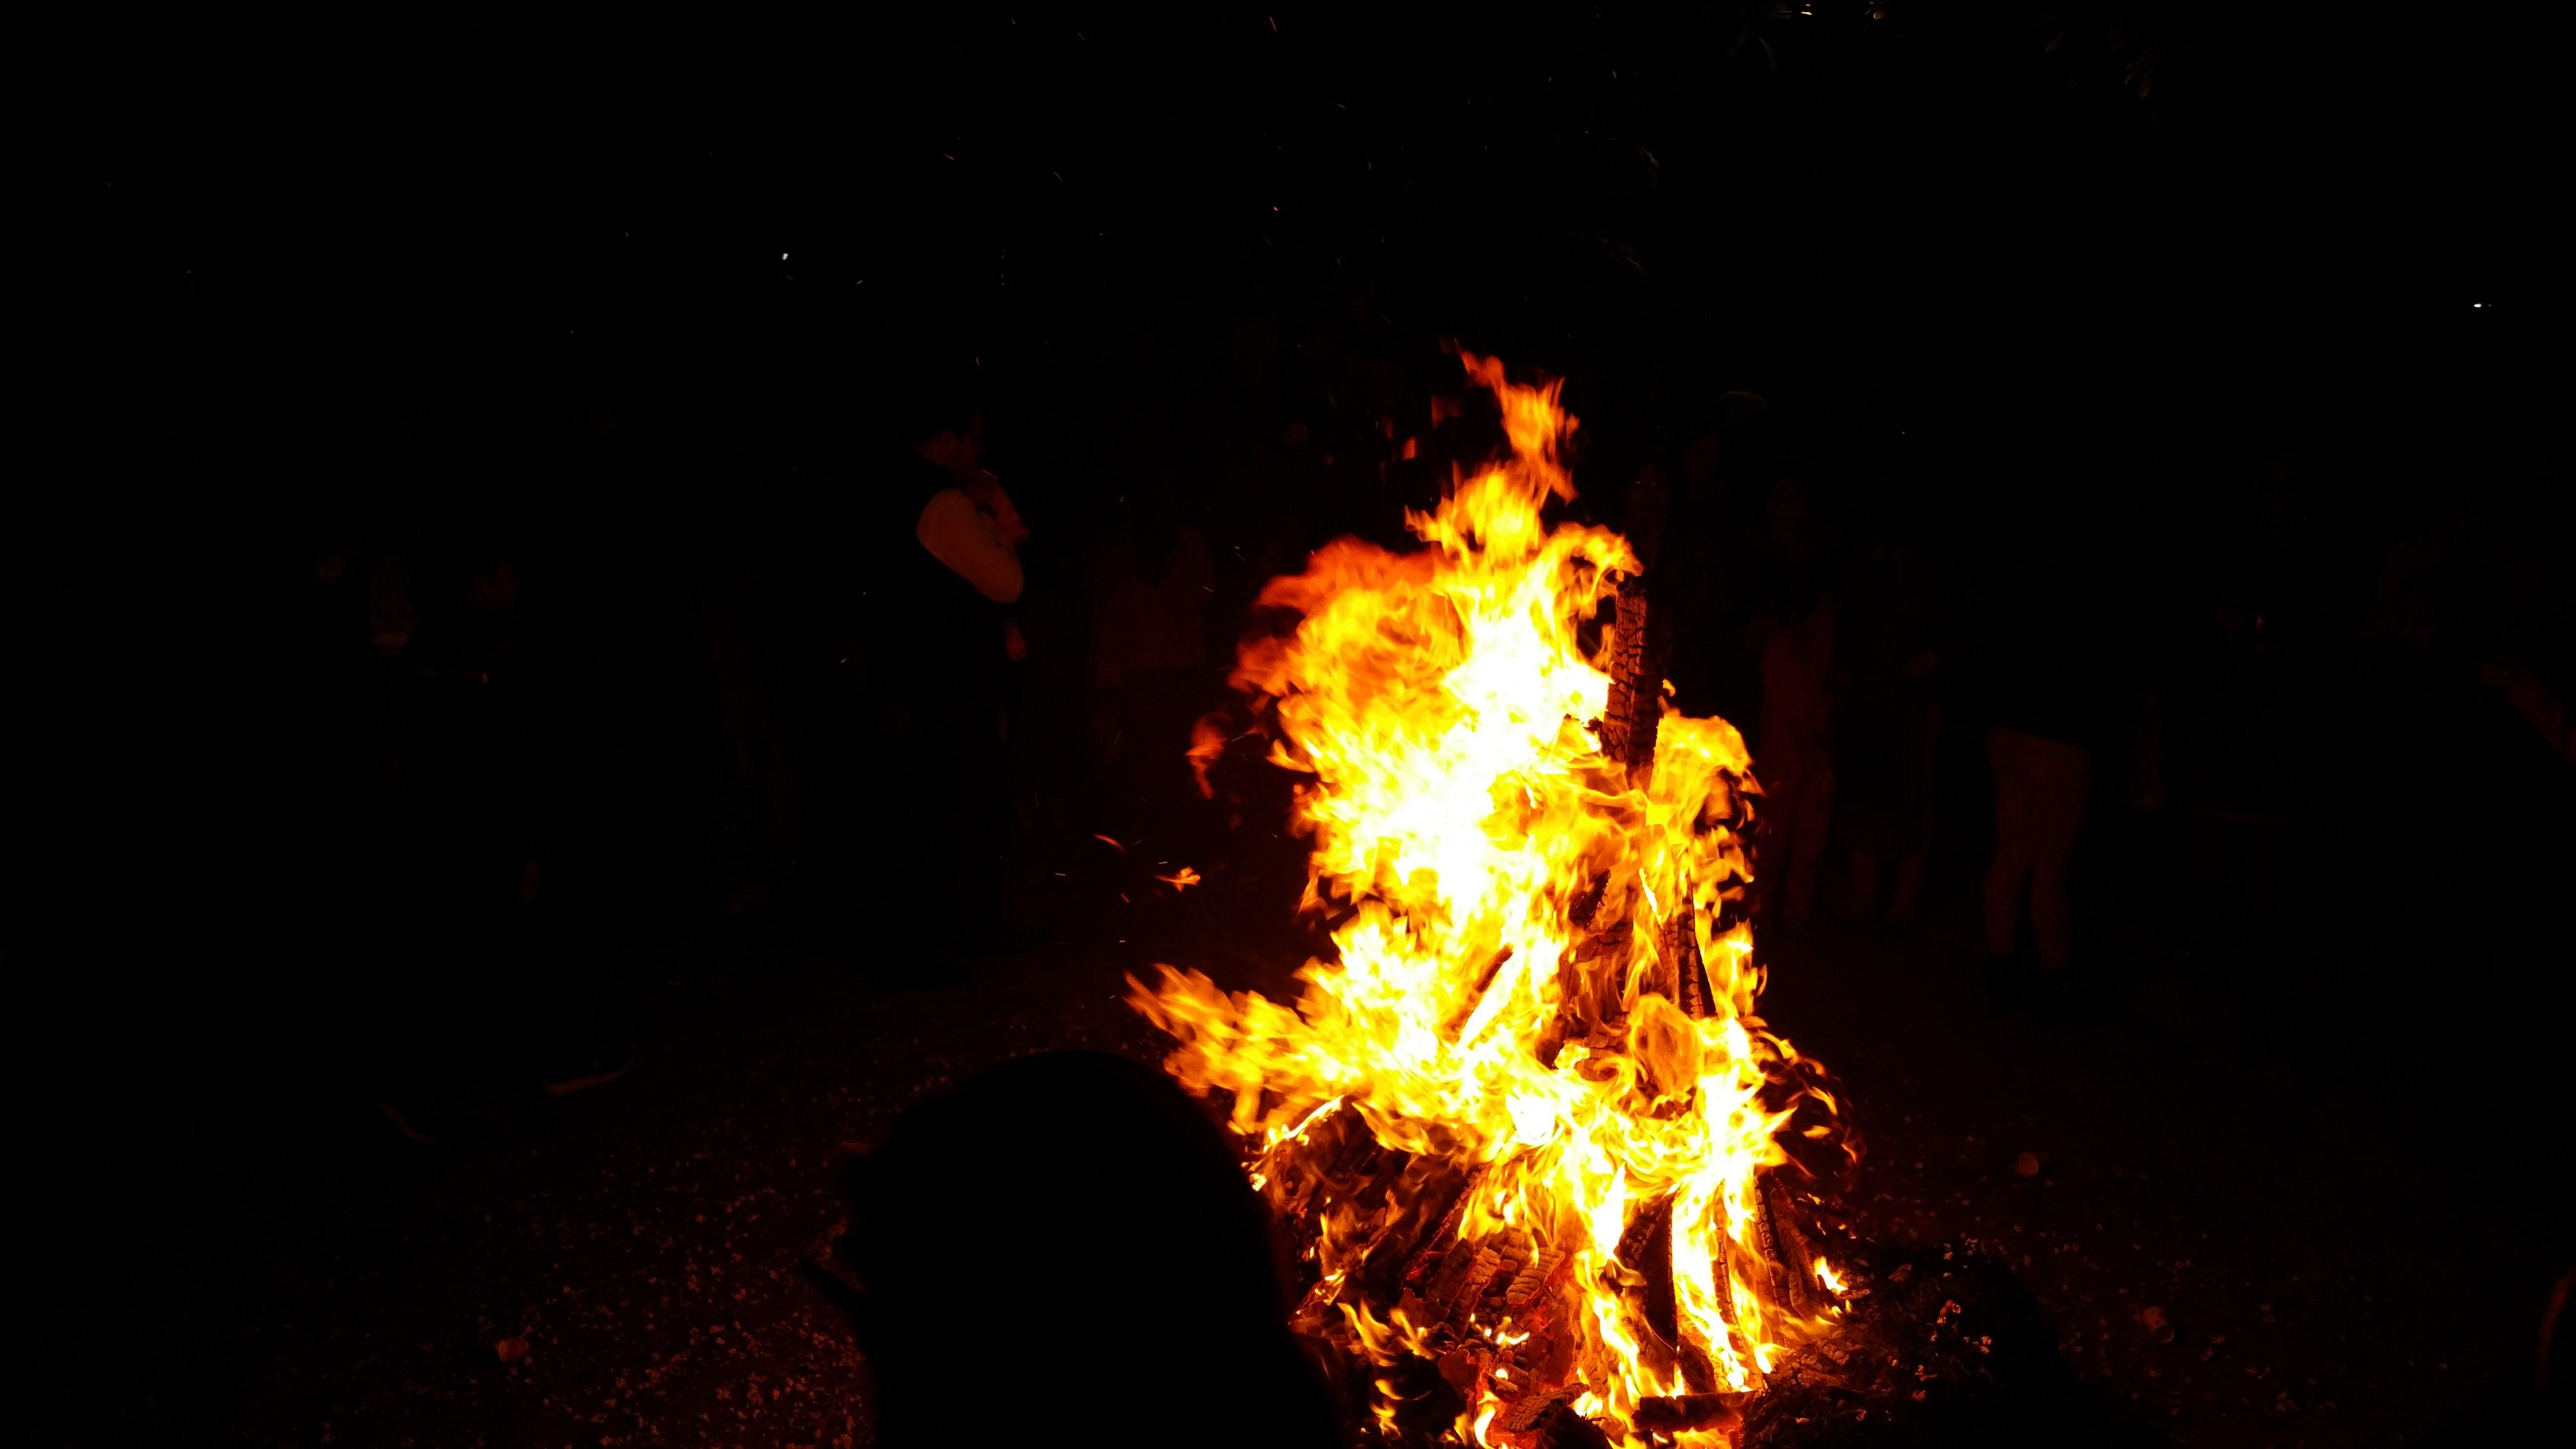 Бесплатное стоковое фото с вечер, горение, гореть, горячий